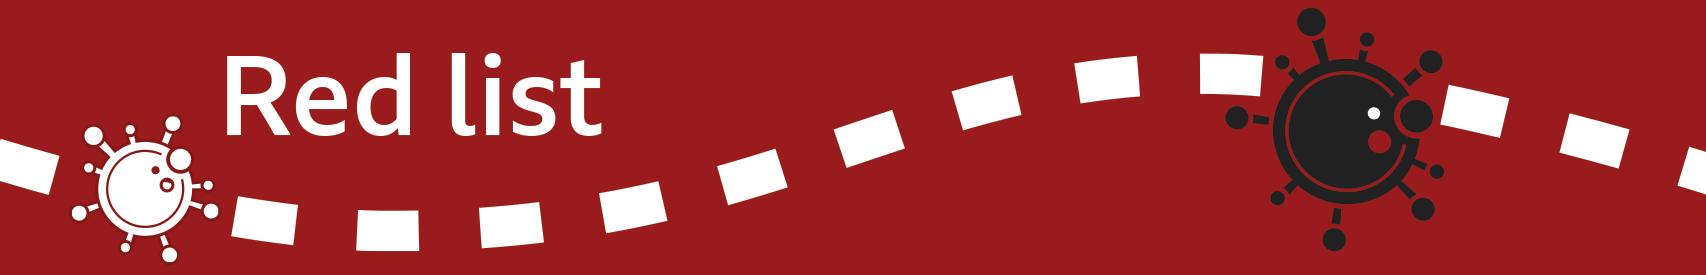 Banner de lista roja